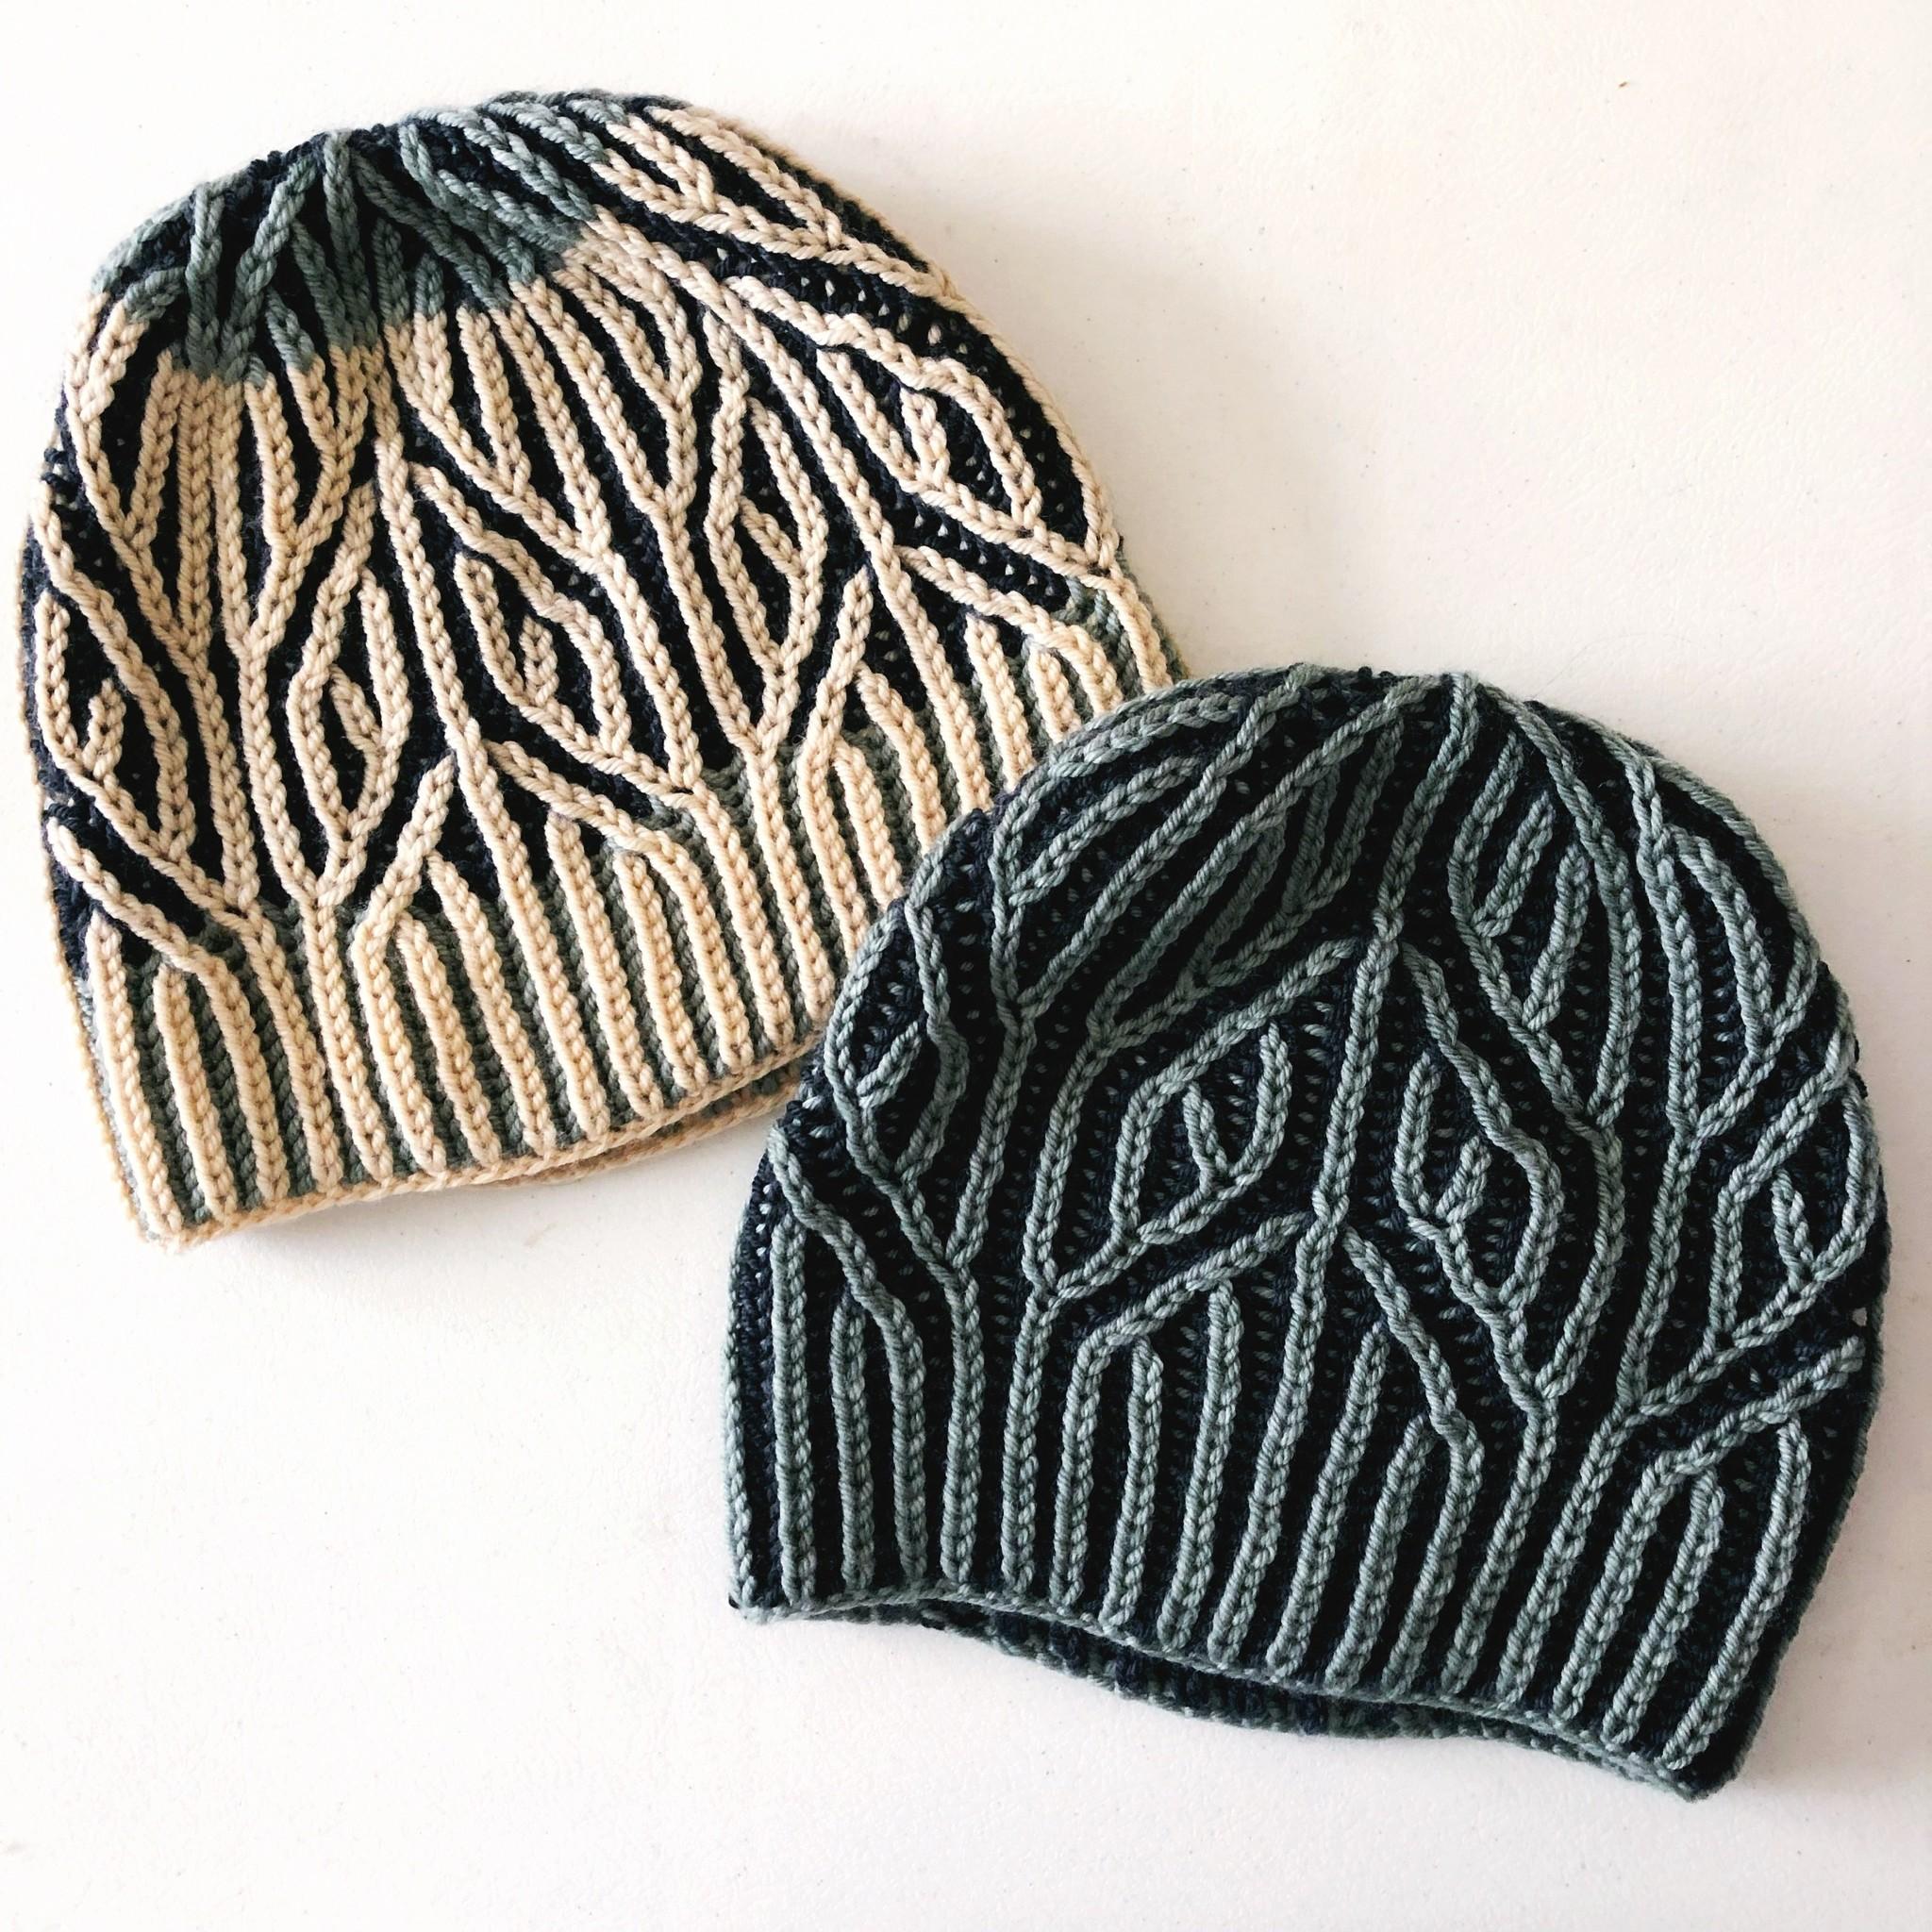 autumn vibes hat brioche knitting pattern